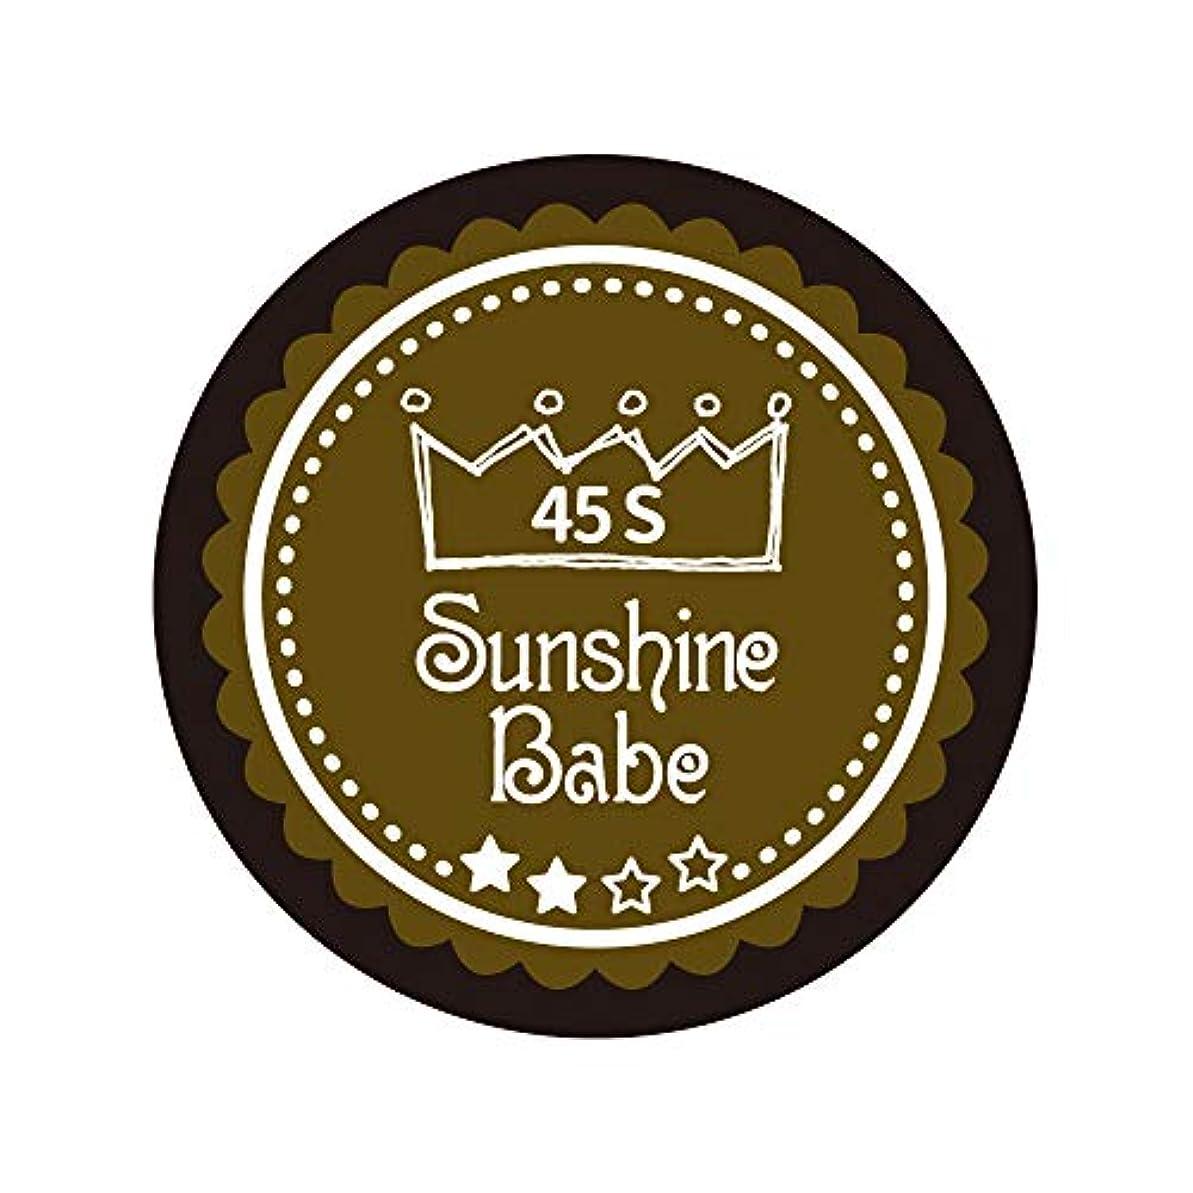 余剰形容詞解明するSunshine Babe カラージェル 45S マティーニオリーブ 2.7g UV/LED対応